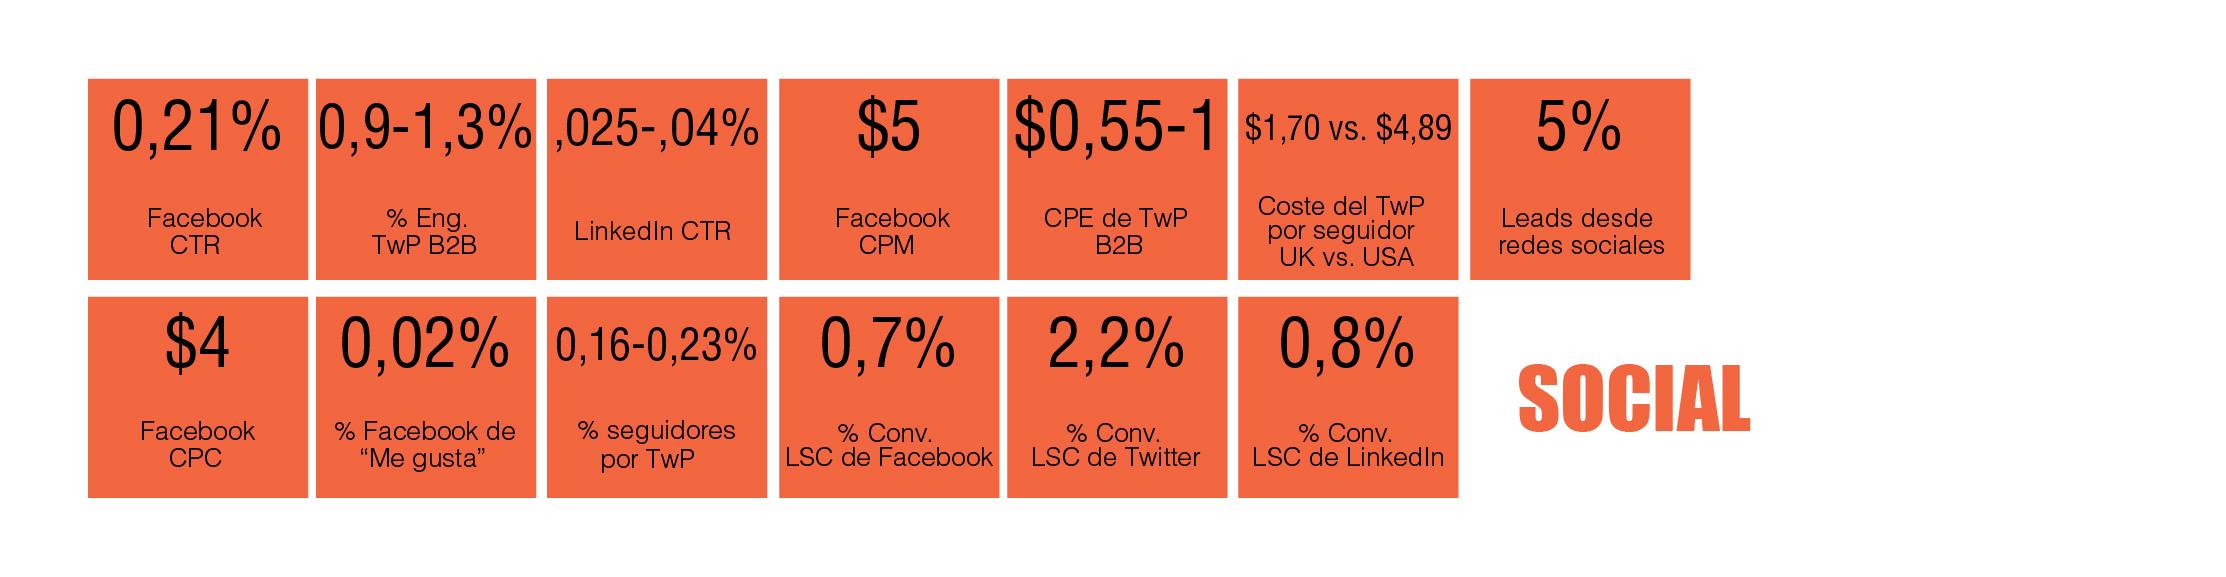 tabla periódica de marketing digital B2B: Redes sociales